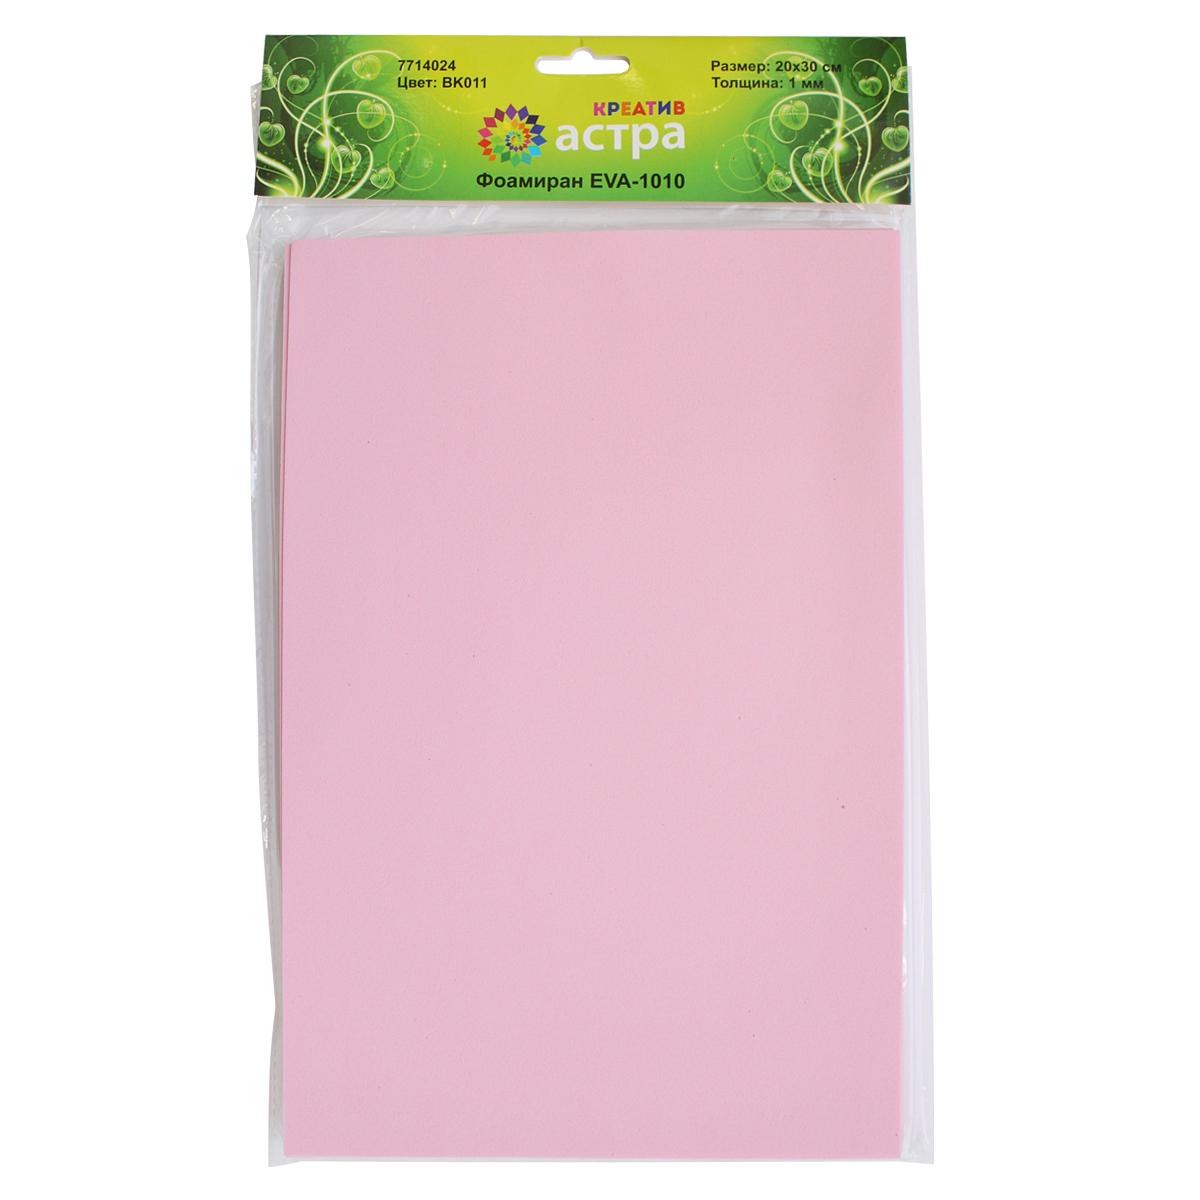 Фоамиран Астра, цвет: розовый, 20 х 30 см, 10 шт7714024_BK011 розовыйФоамиран Астра - это пластичная замша, ее можно применить для создания разнообразного вида декора: открытки, магнитики, цветы, забавные игрушки и т.д. Главная особенность материала фоамиран заключается в его способности к незначительному растяжению, которого вполне достаточно для «запоминания» изделием своей формы.На ощупь мягкая синтетическая замша очень приятна и податлива, поэтому работать с ней не составит труда даже начинающему.Размер ткани: 200 x 300 мм. В упаковке 10 штук.